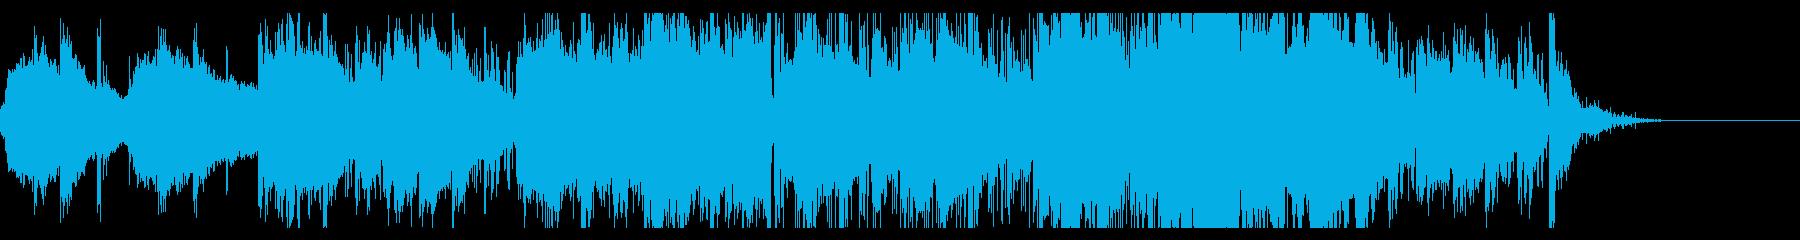 不気味なアンビエントIDMの再生済みの波形